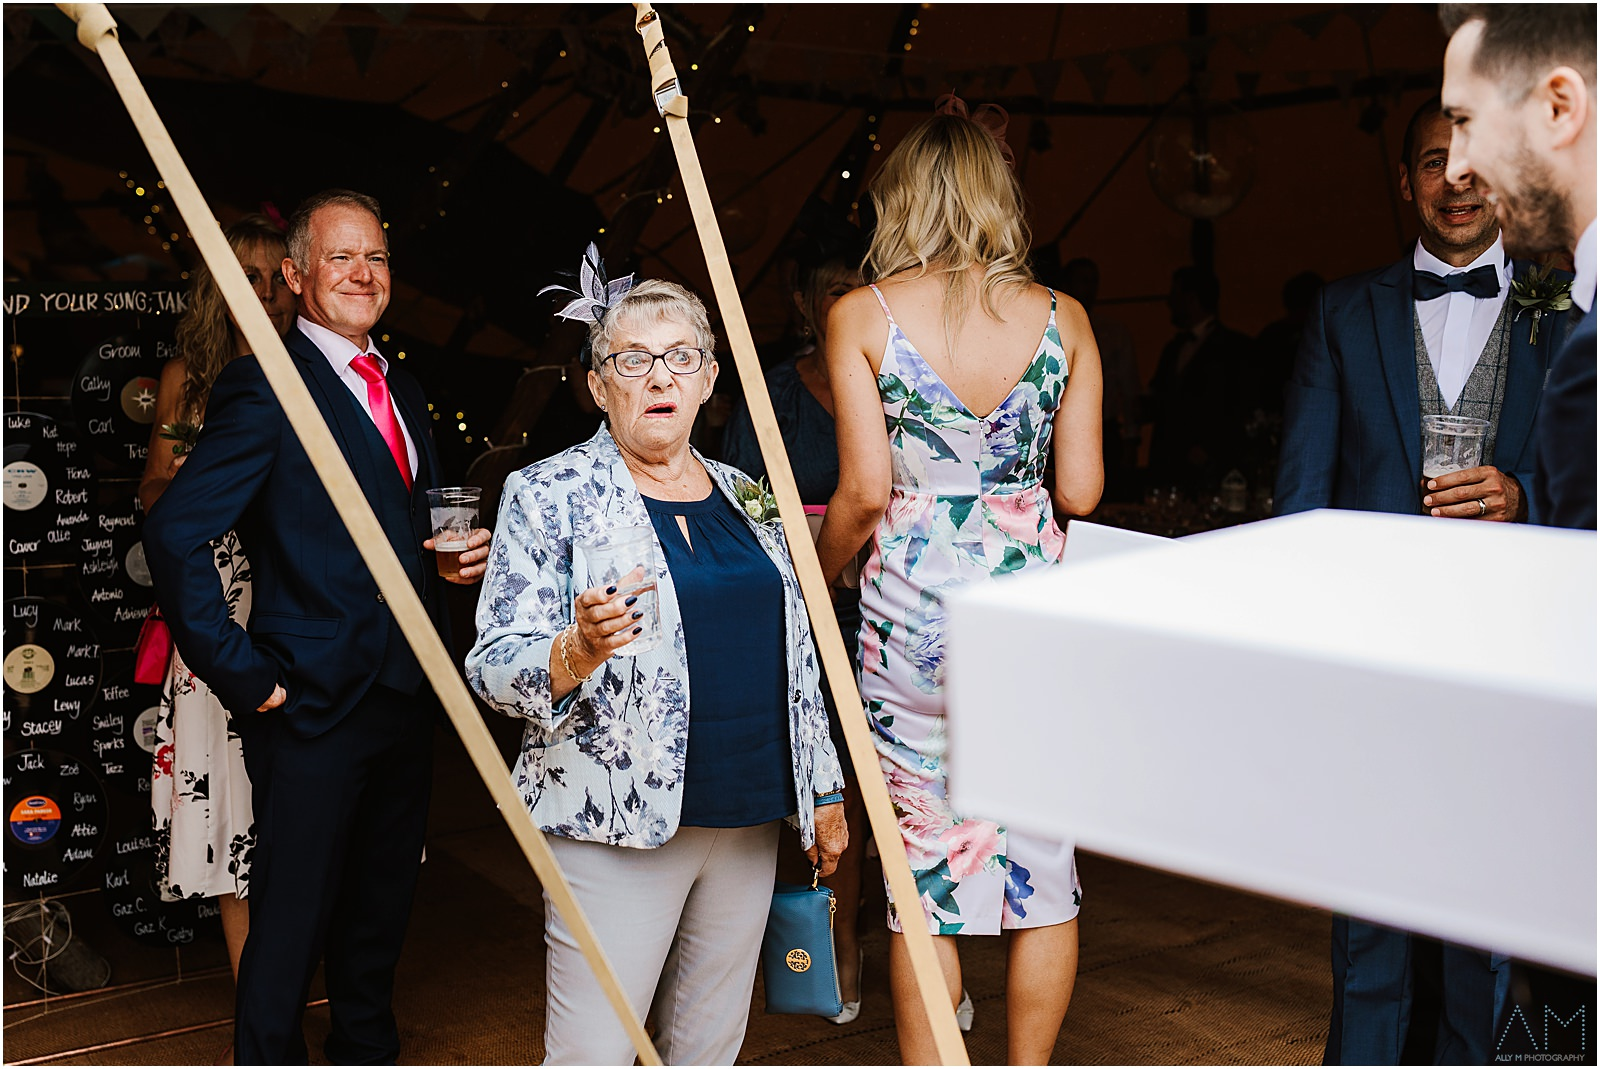 Grandma greeting guests